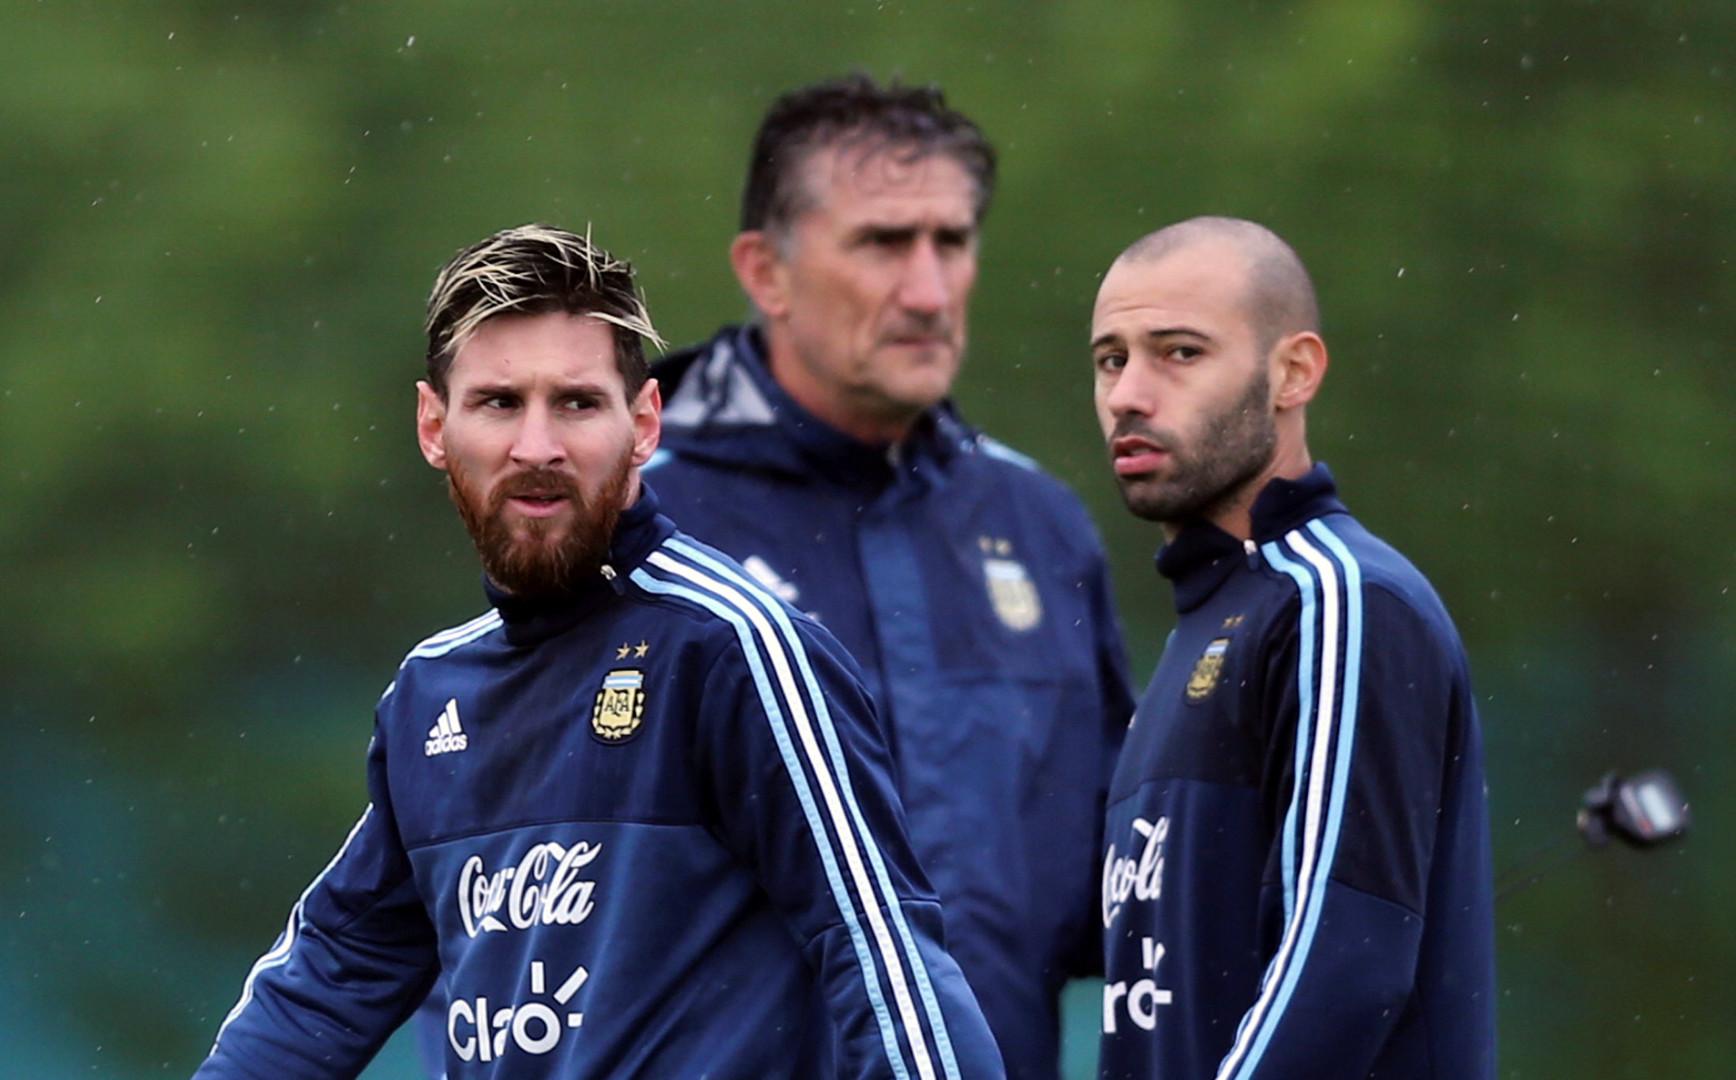 Месси за Лавесси: футболист заступился за партнёра и объявил бойкот аргентинским СМИ